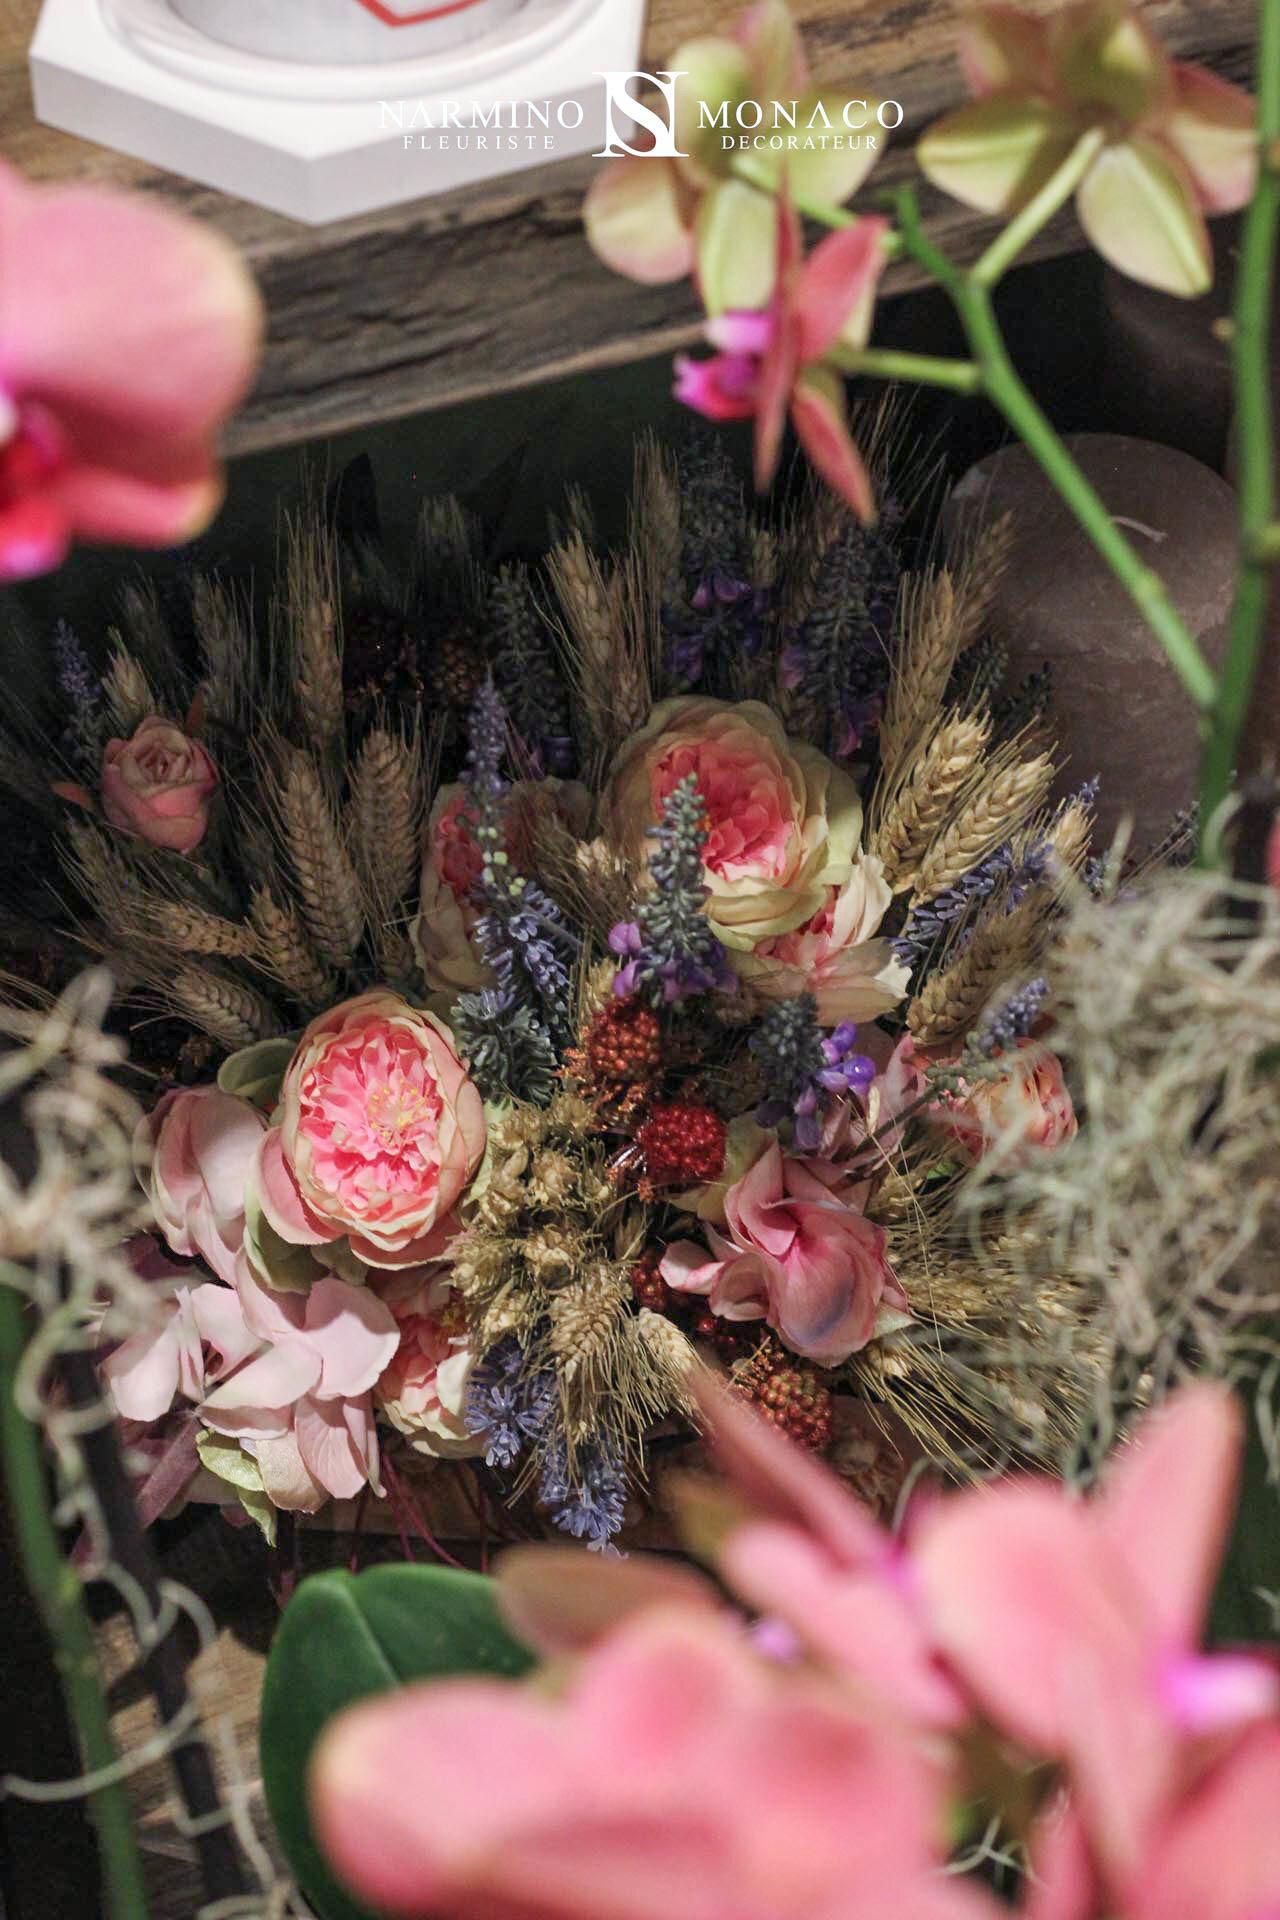 De beaux bouquets de fleurs séchées